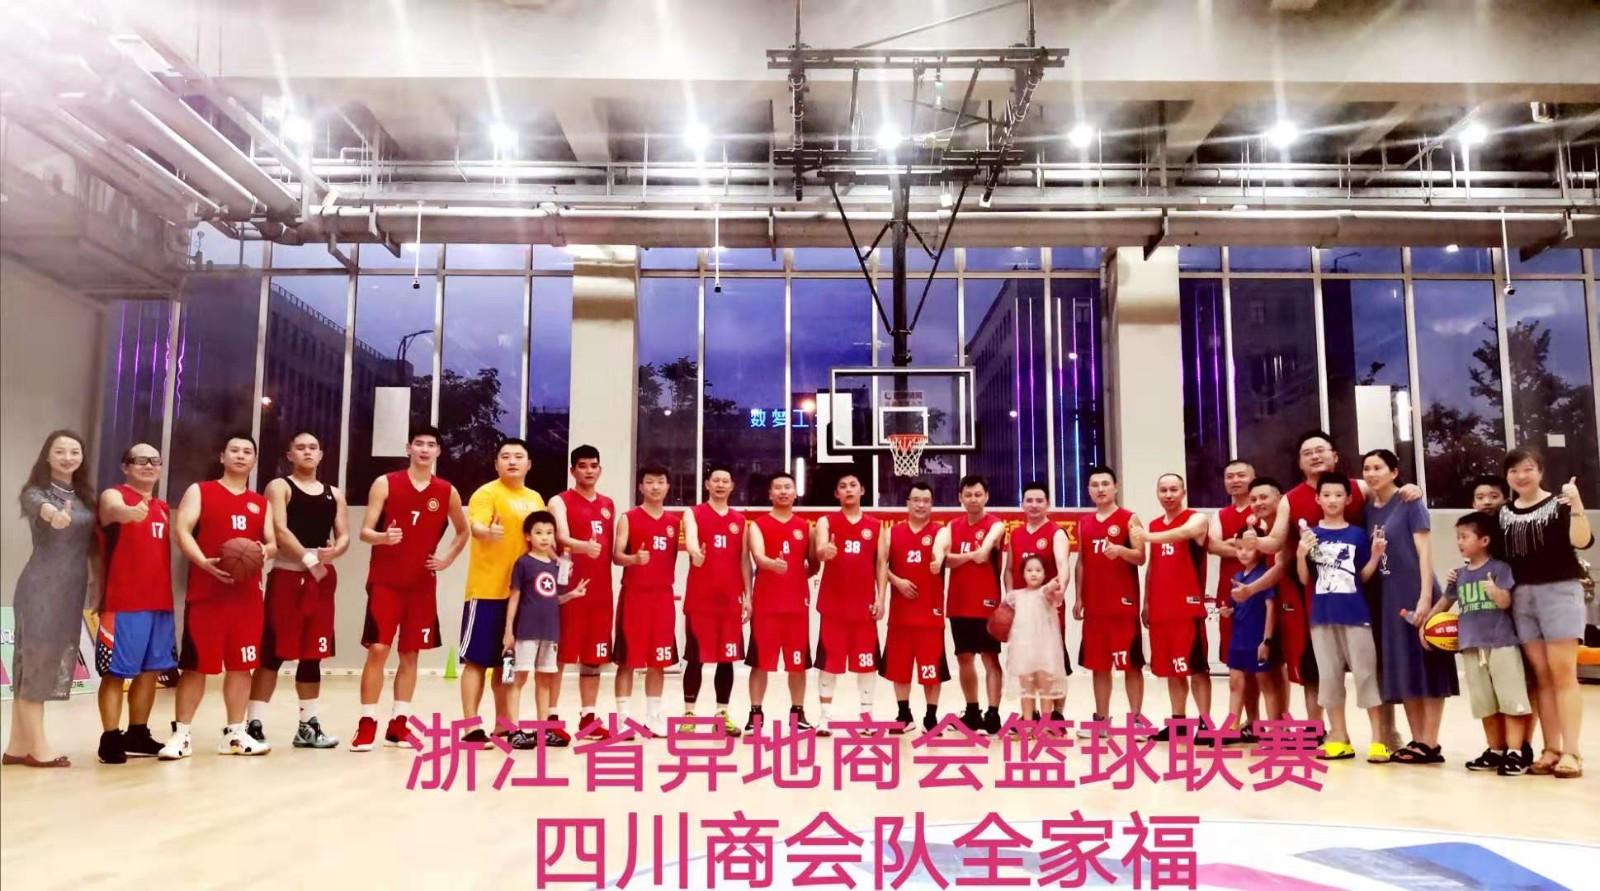 【赛事战报】 热烈祝贺浙江亚虎pt客户端登录篮球俱乐部小组赛第二场取得胜利!